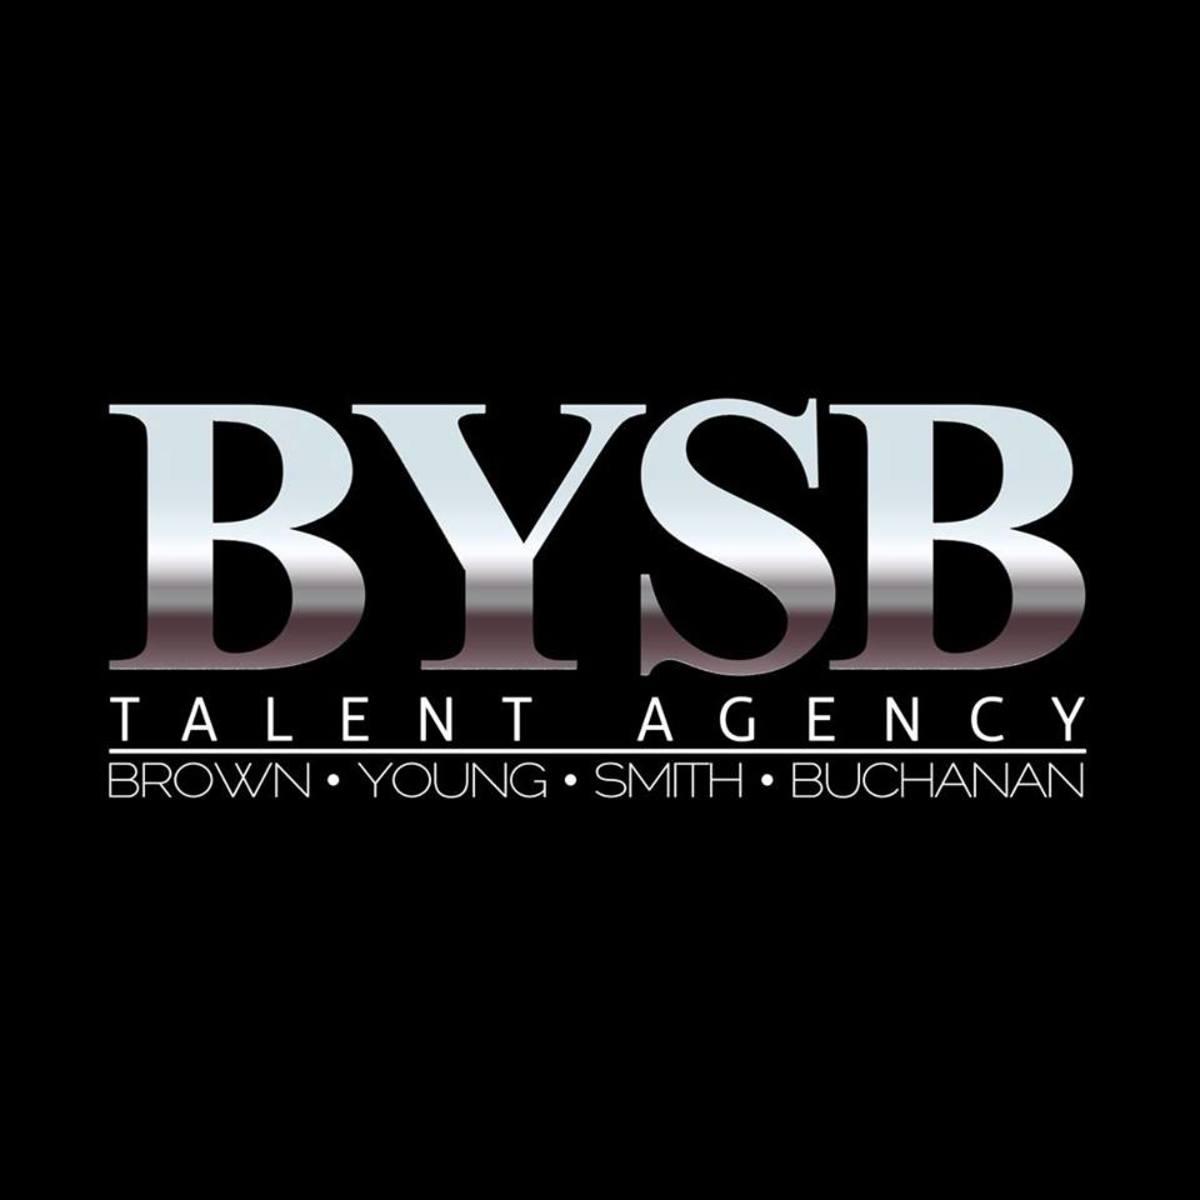 bysb-talent-agency